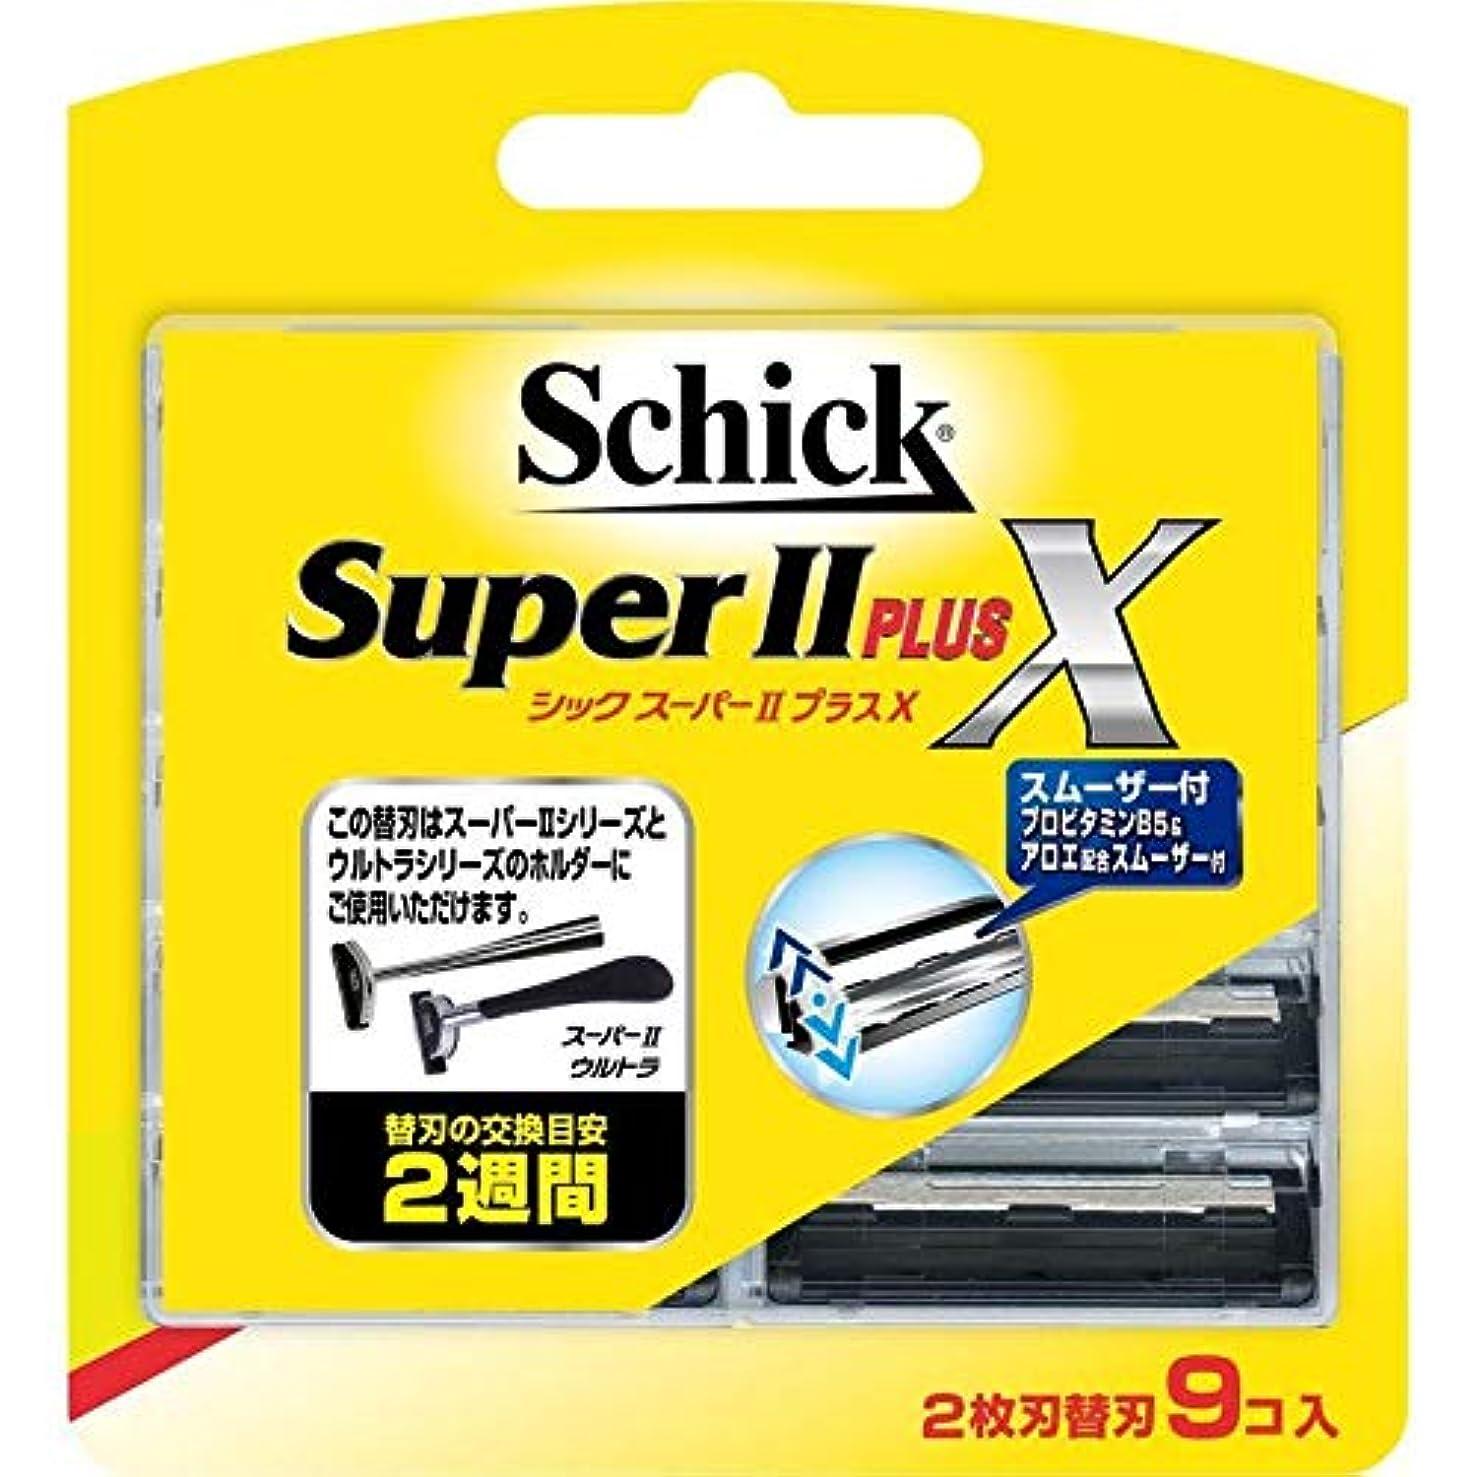 計算する変装揮発性シック スーパー2プラスX 替刃 (9コ入) 男性用カミソリ 3個セット